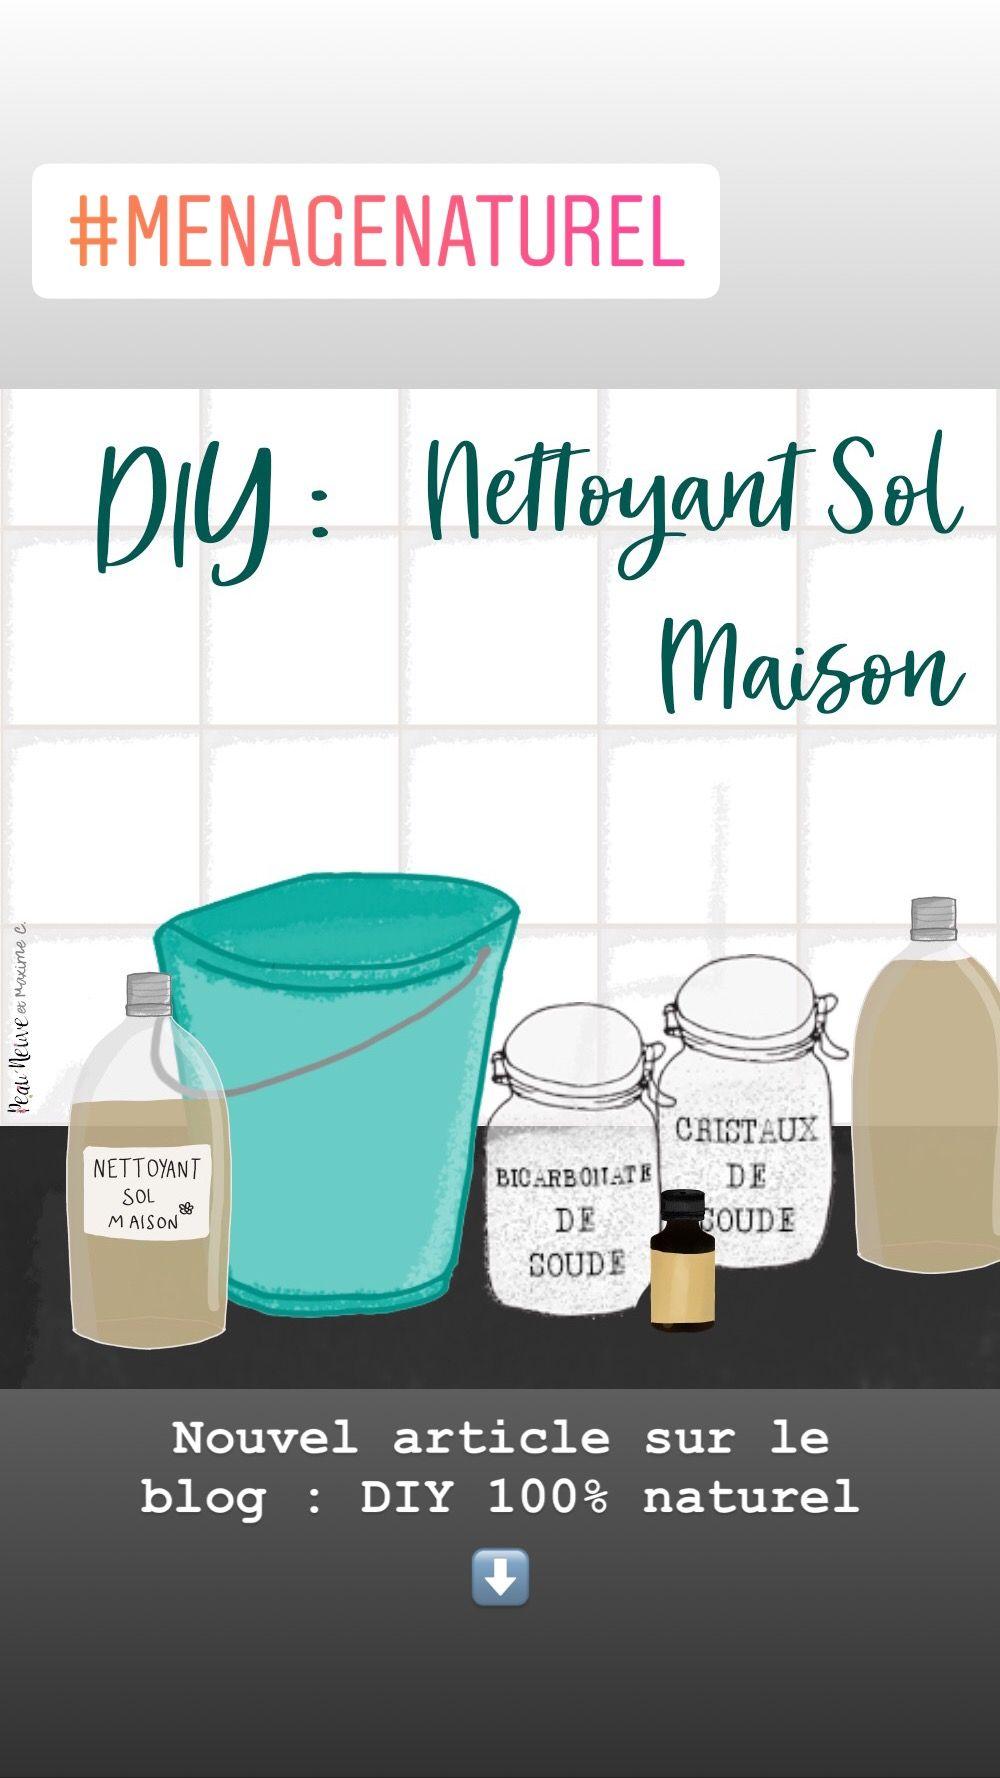 NETTOYANT NATUREL POUR LE SOL - DIY ASTUCES NATURELLES